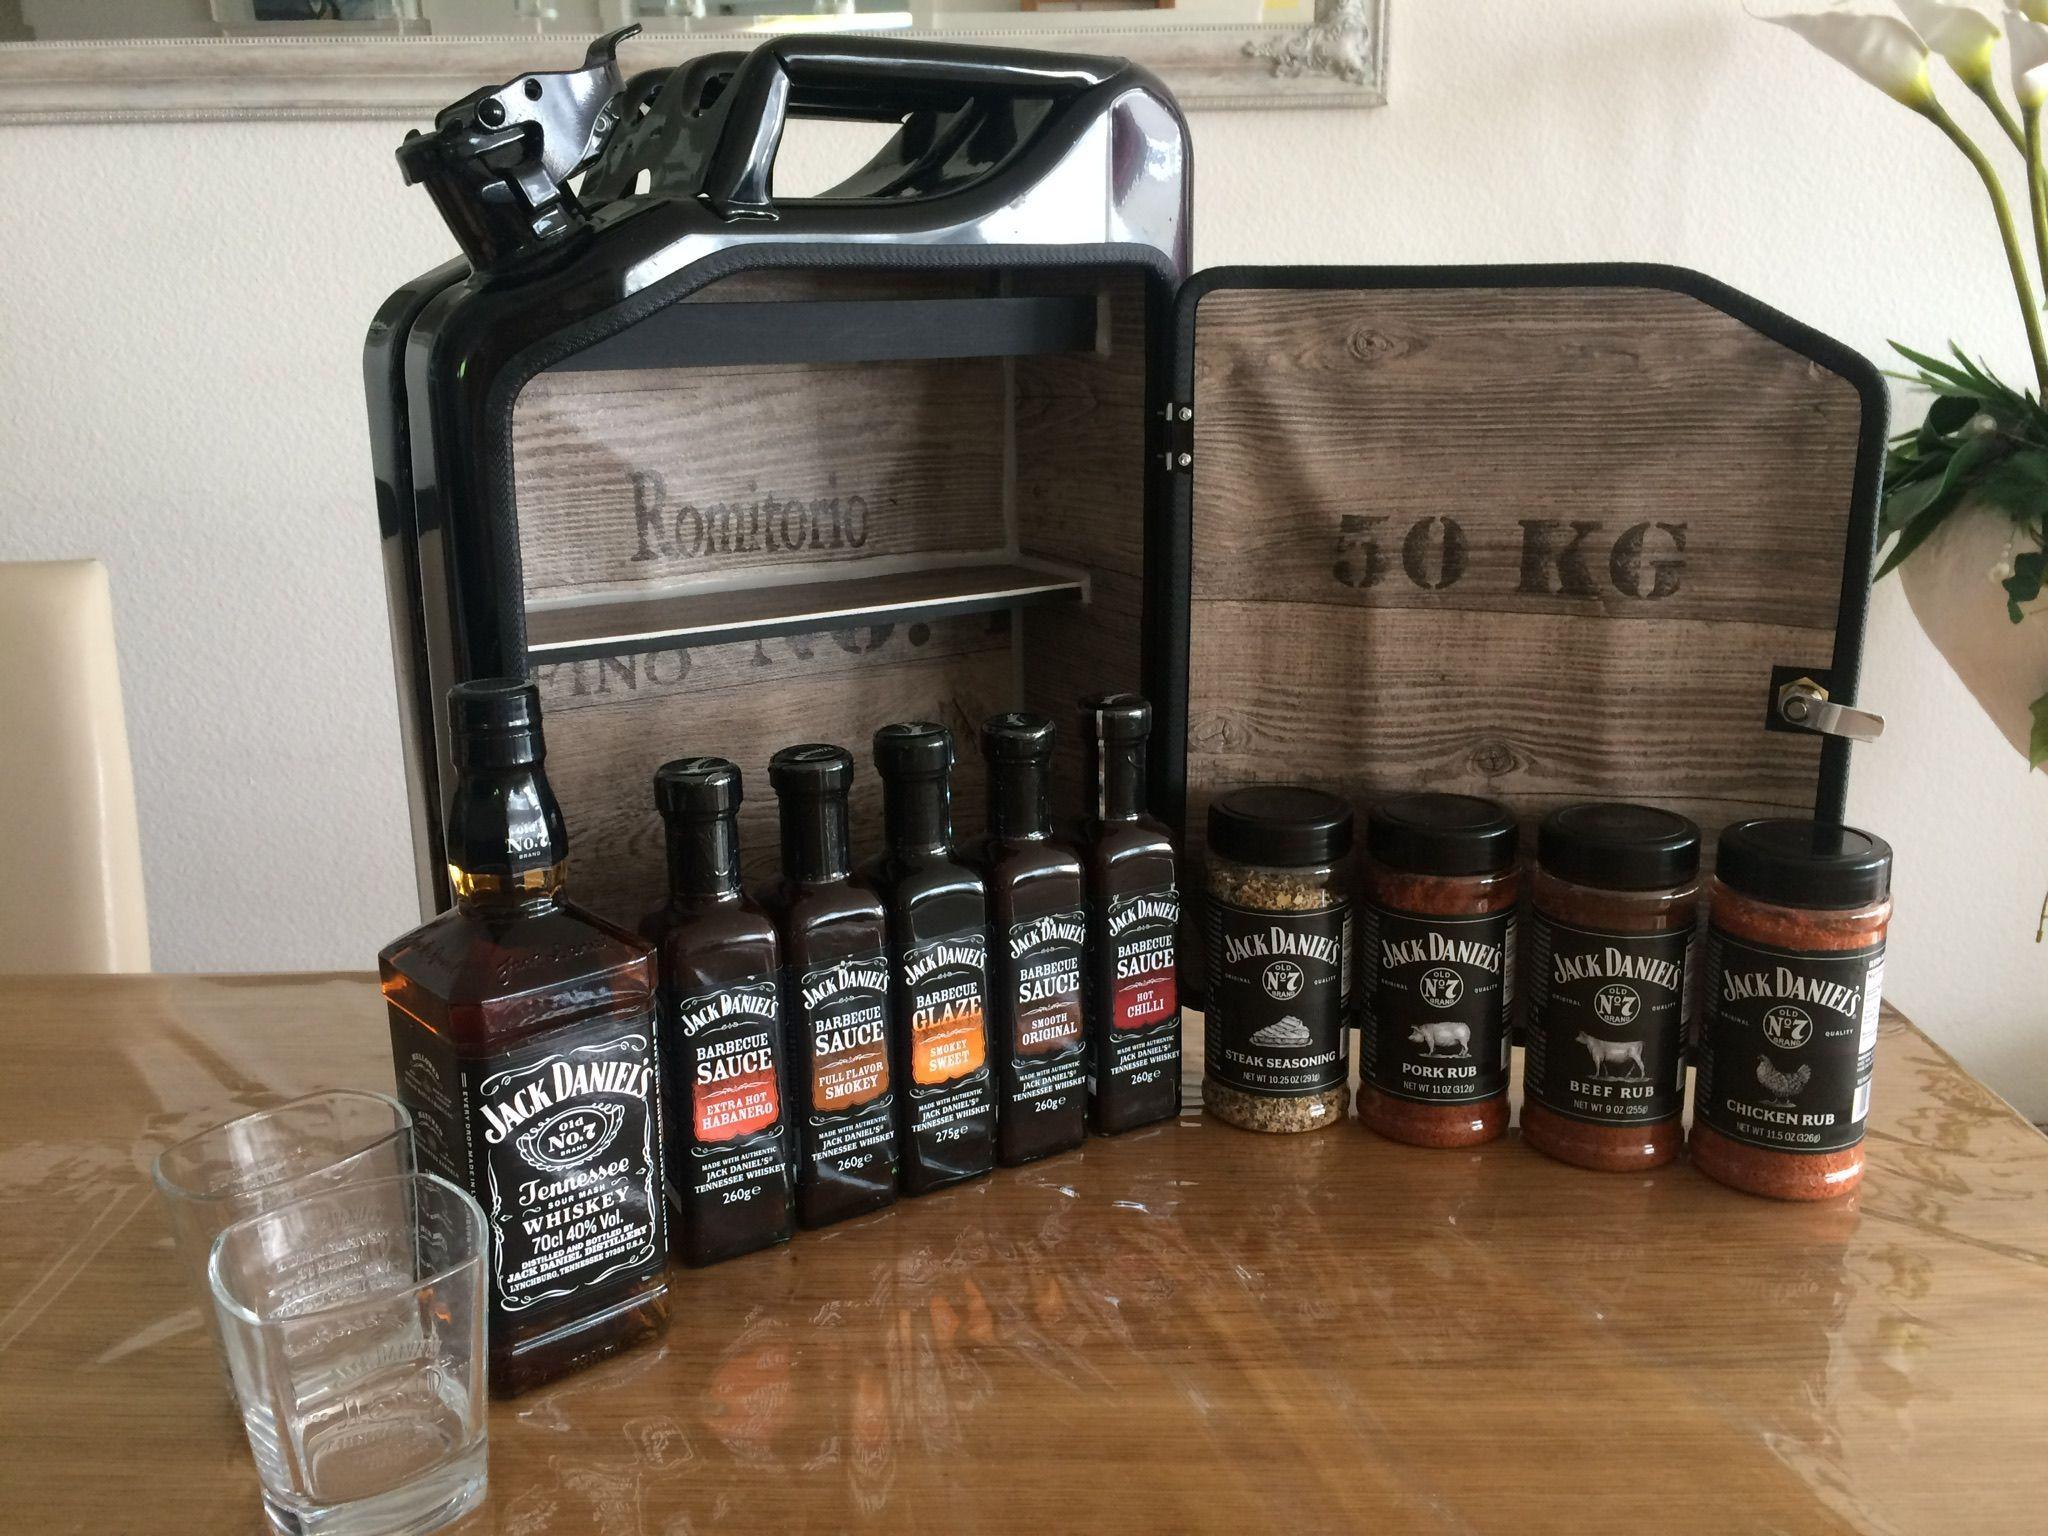 Verkaufte Kanister Kanister Whisky Spender Und